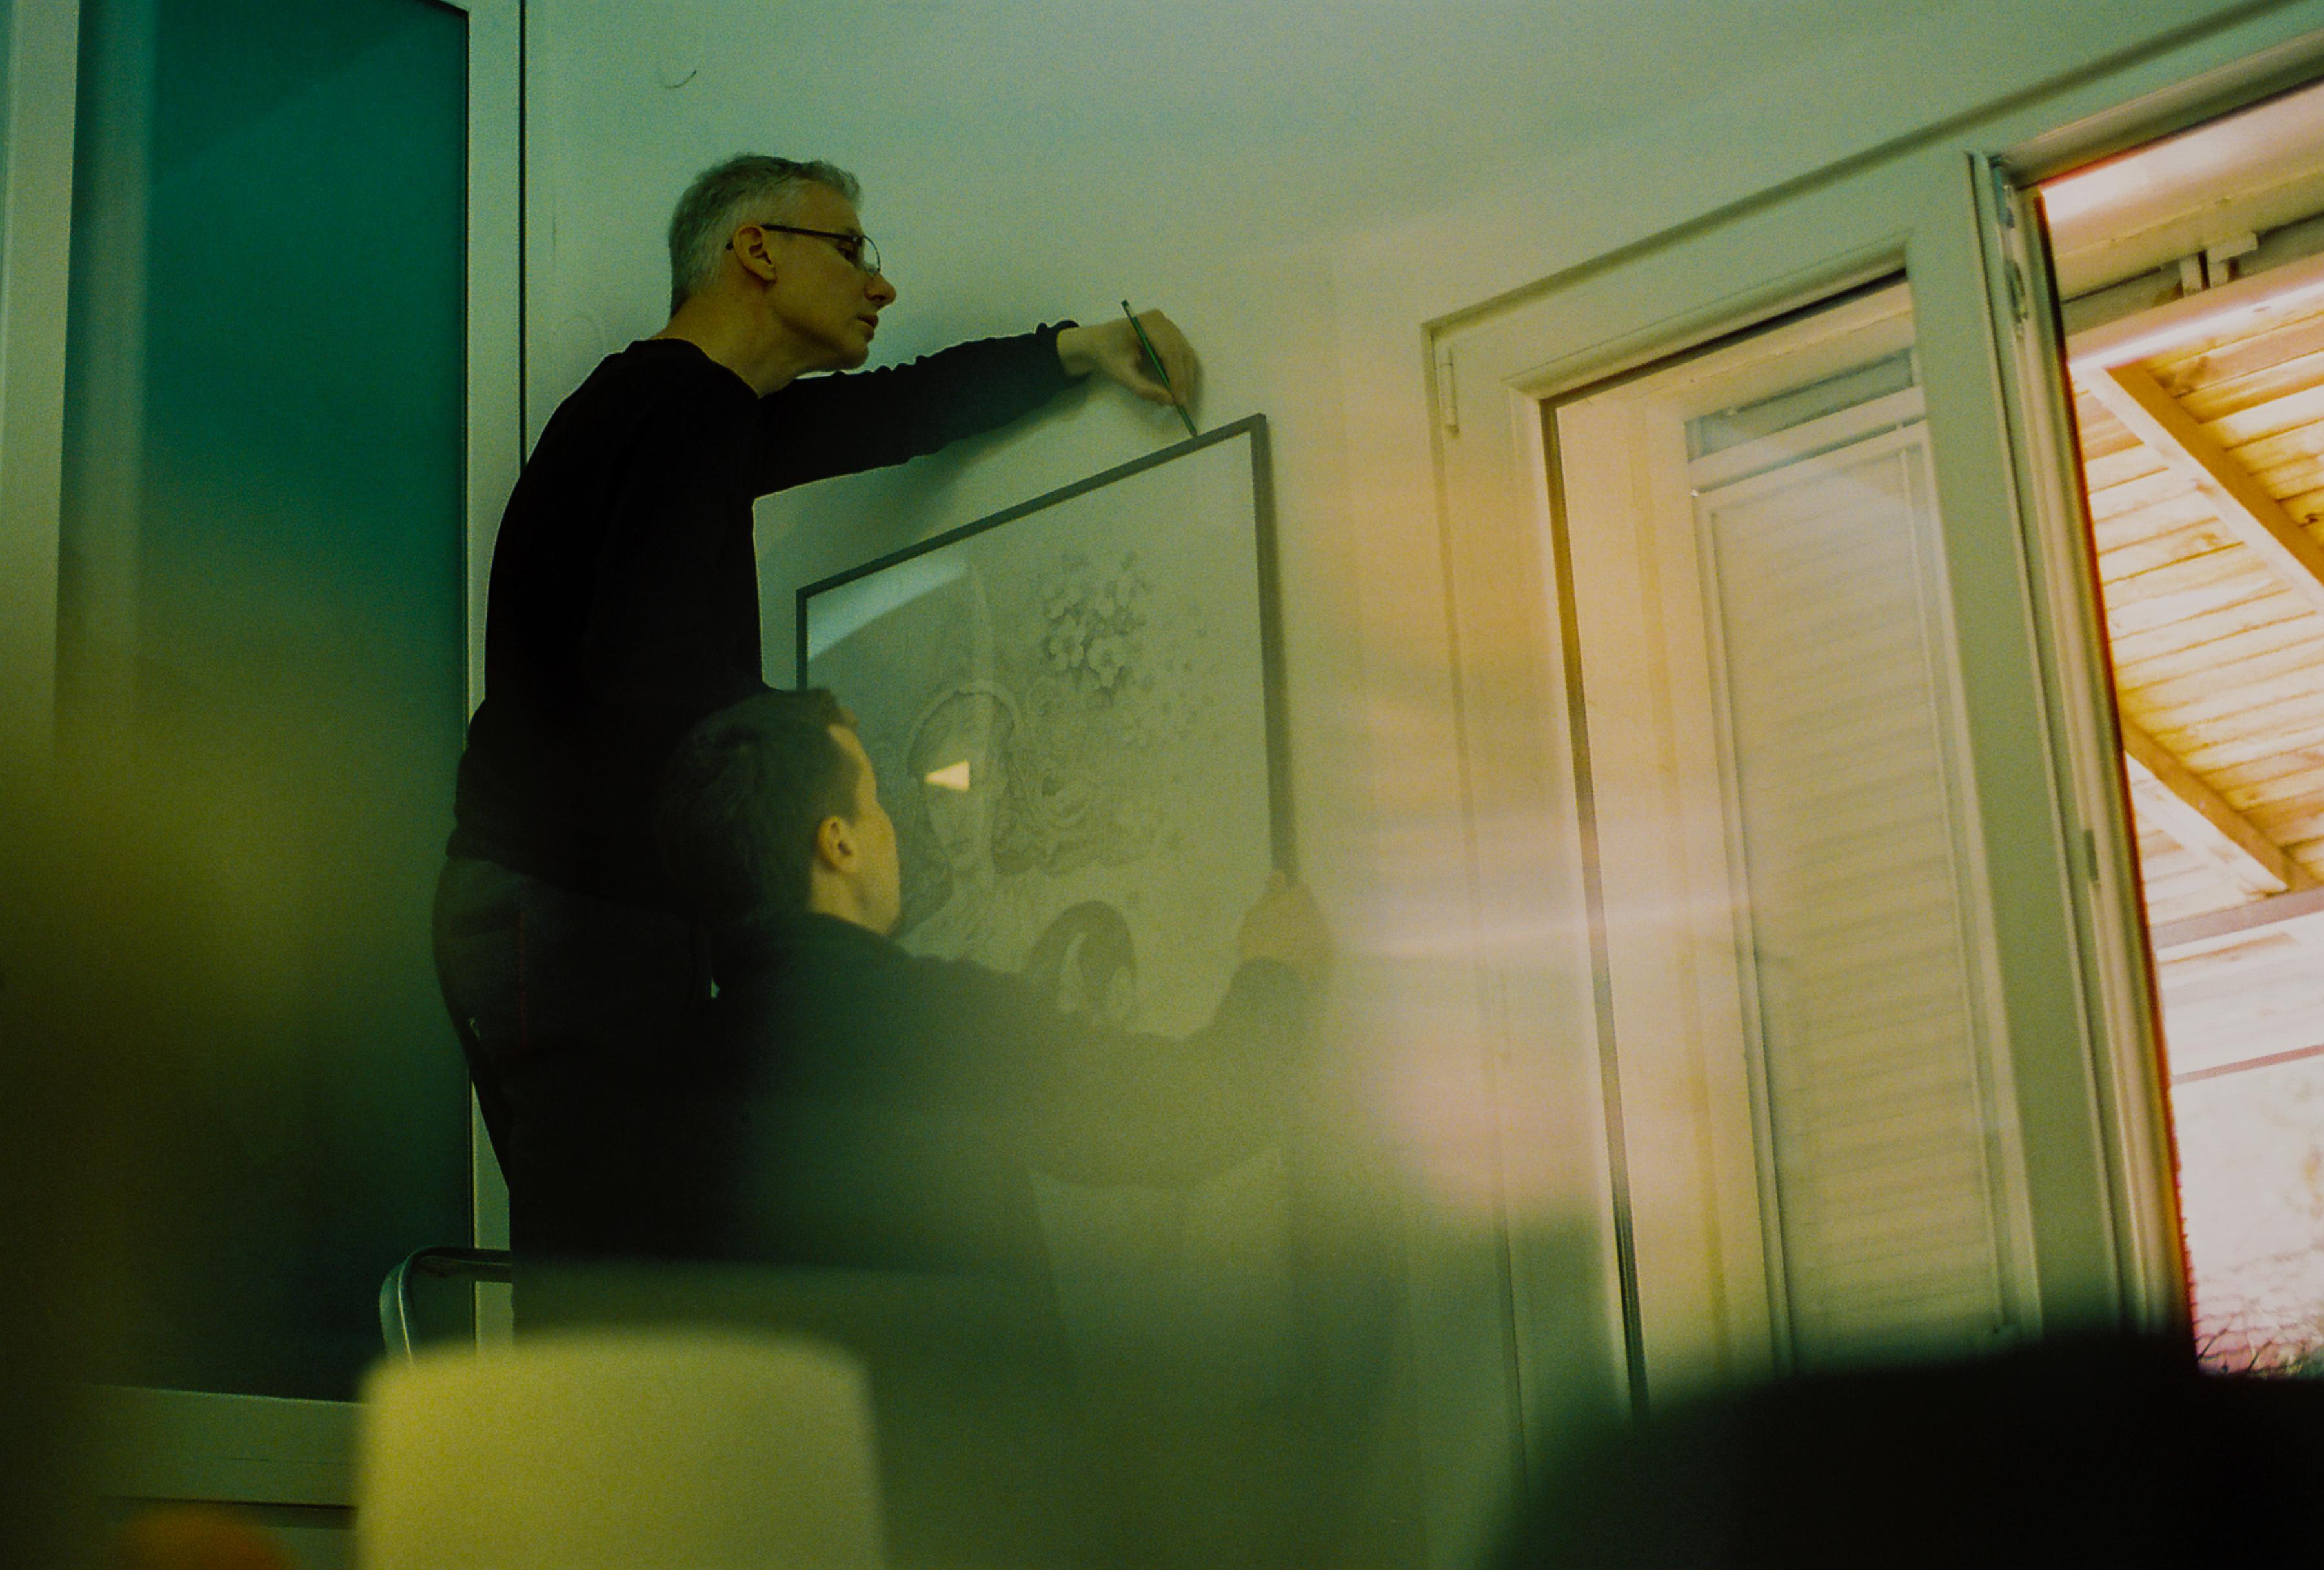 , ARTiKOOLACIJE: Kancelarija kao izložbeni prostor